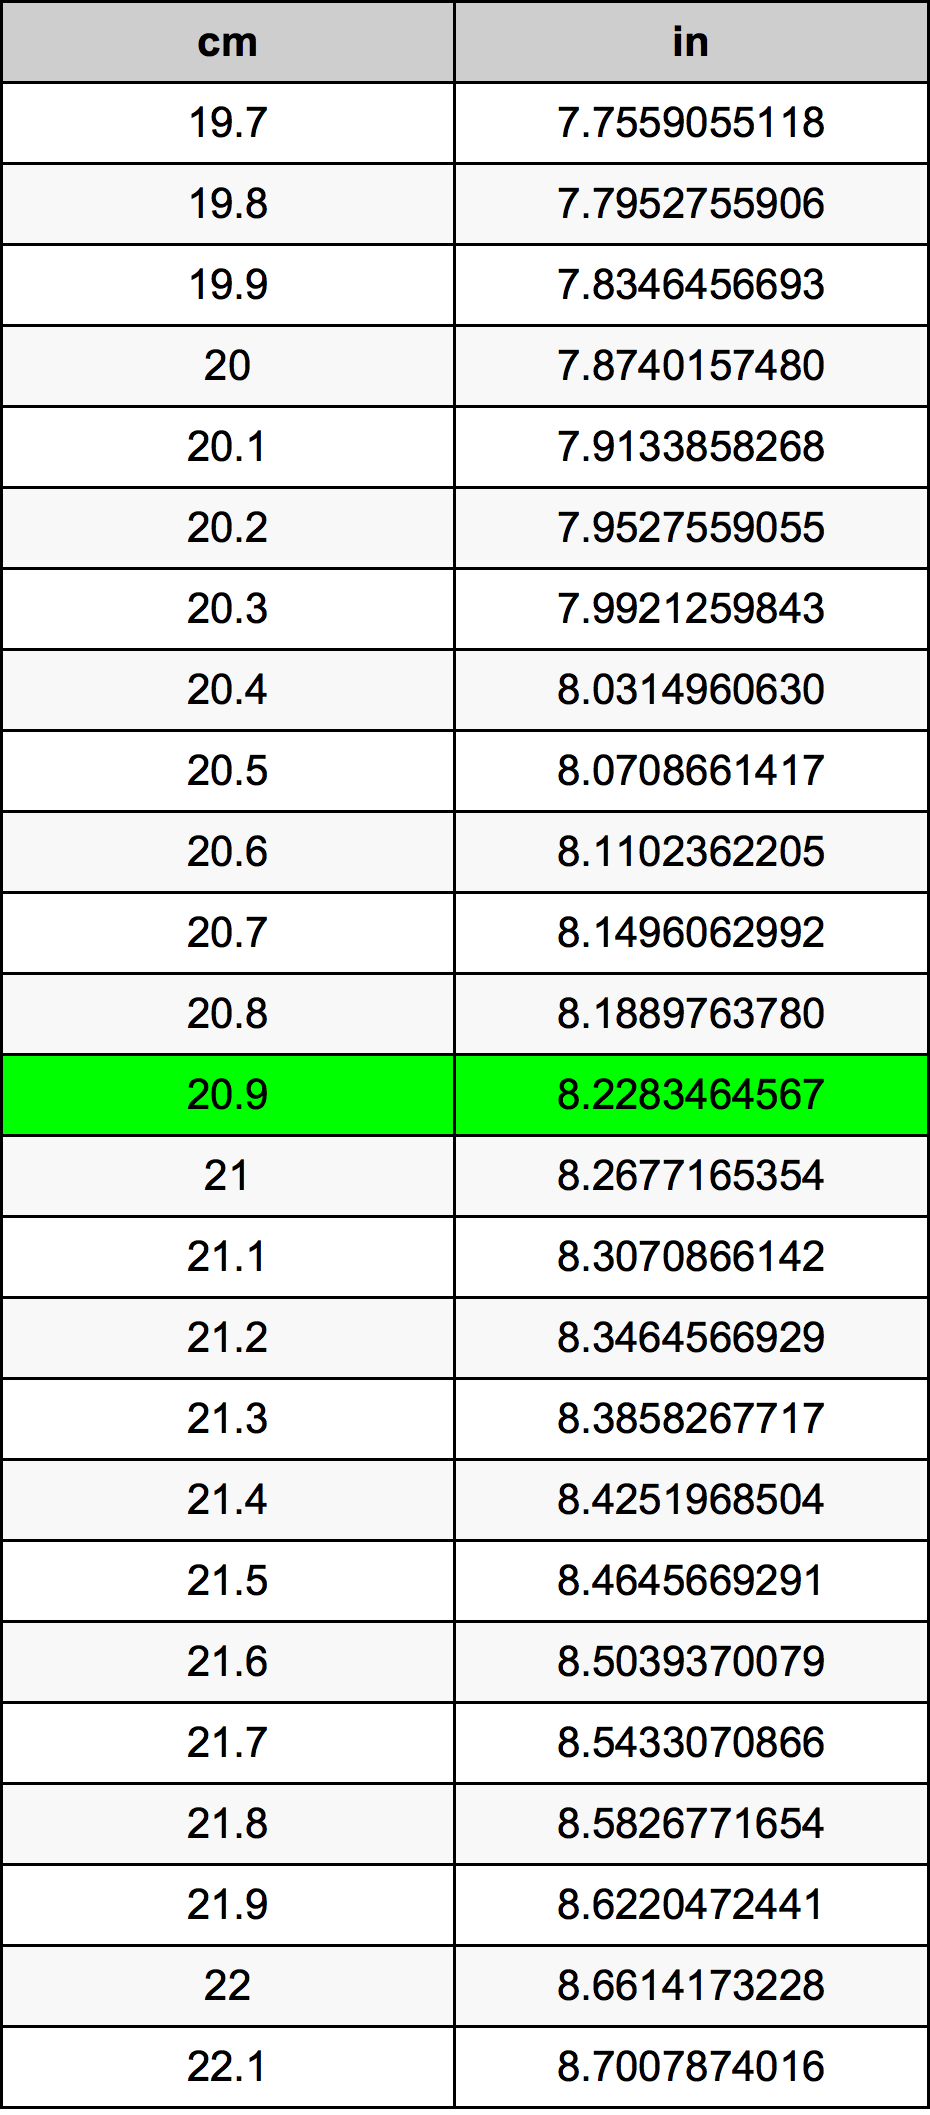 20.9 सेंटीमीटर रूपांतरण सारणी